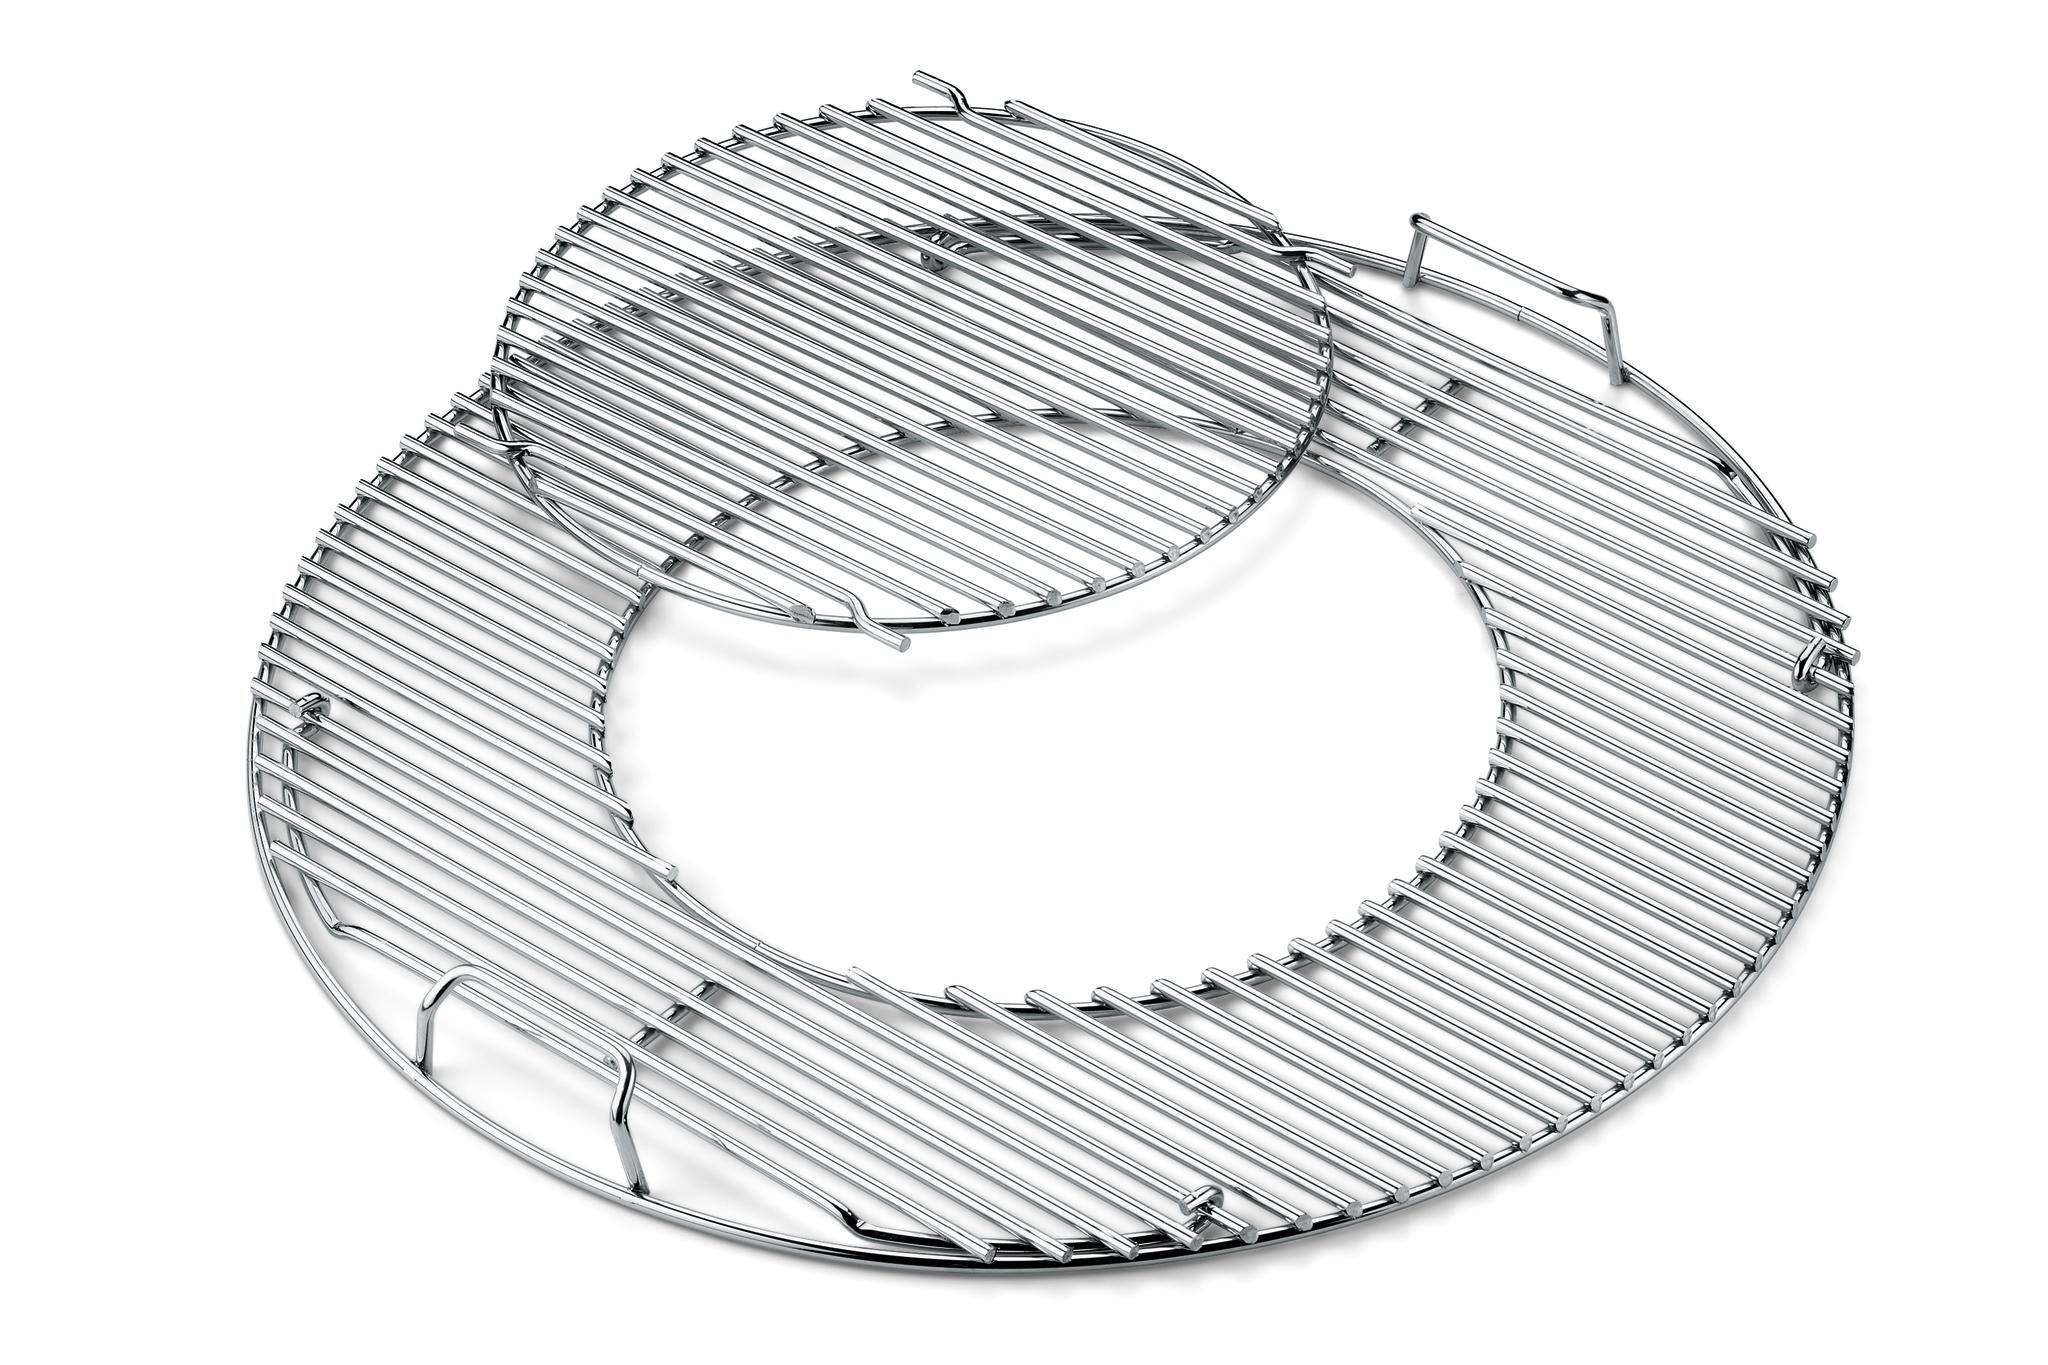 Решетка GBS для угольных грилей 57 см, нерж. сталь